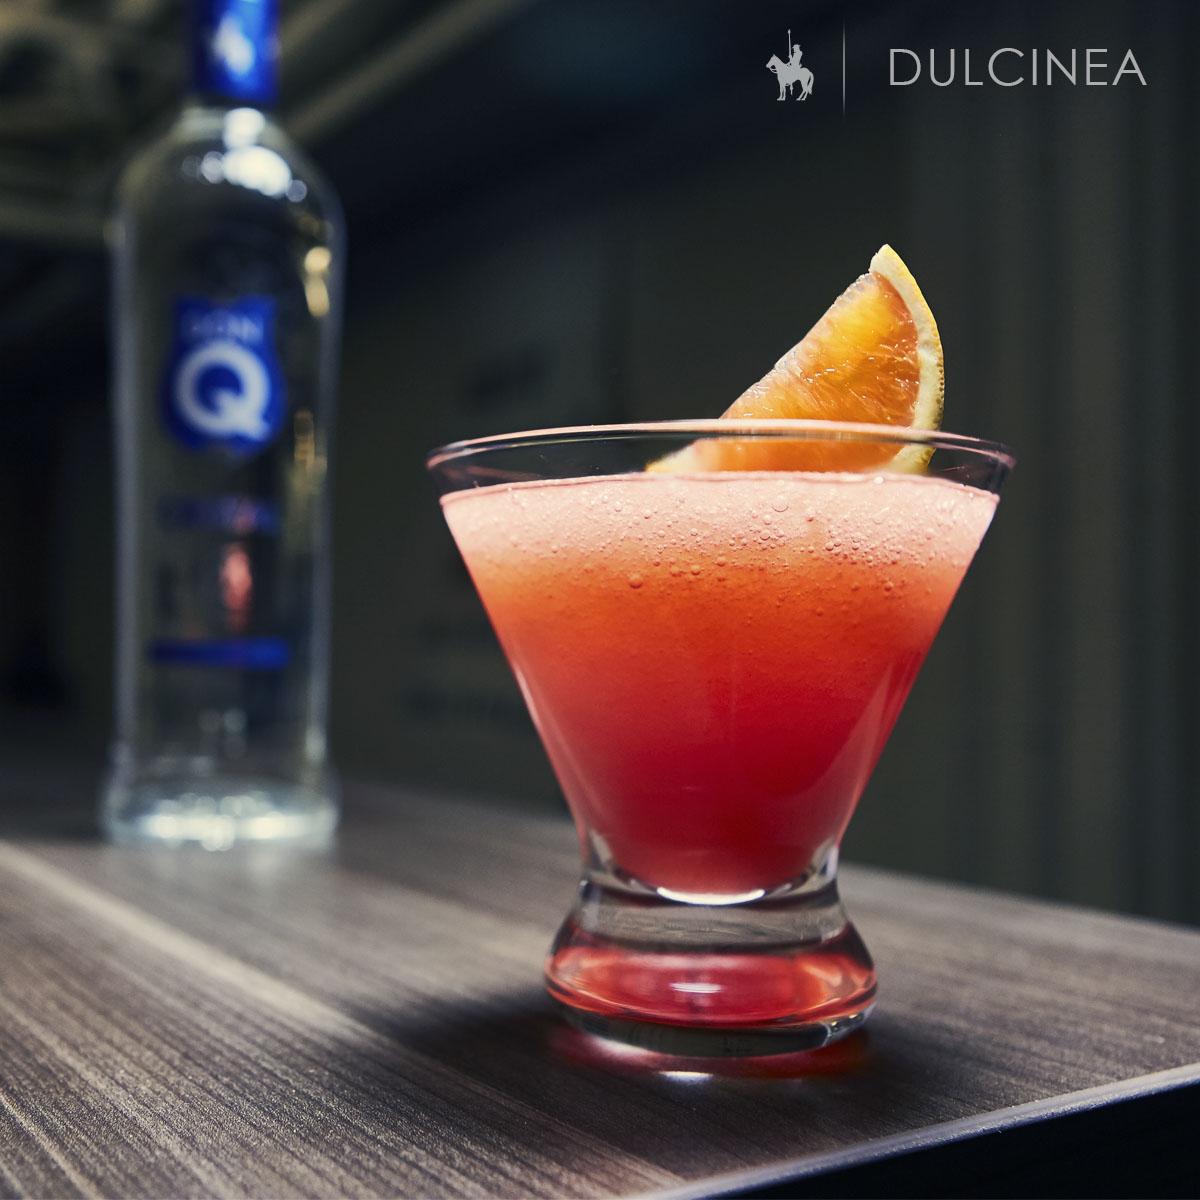 Dulcinea.jpg